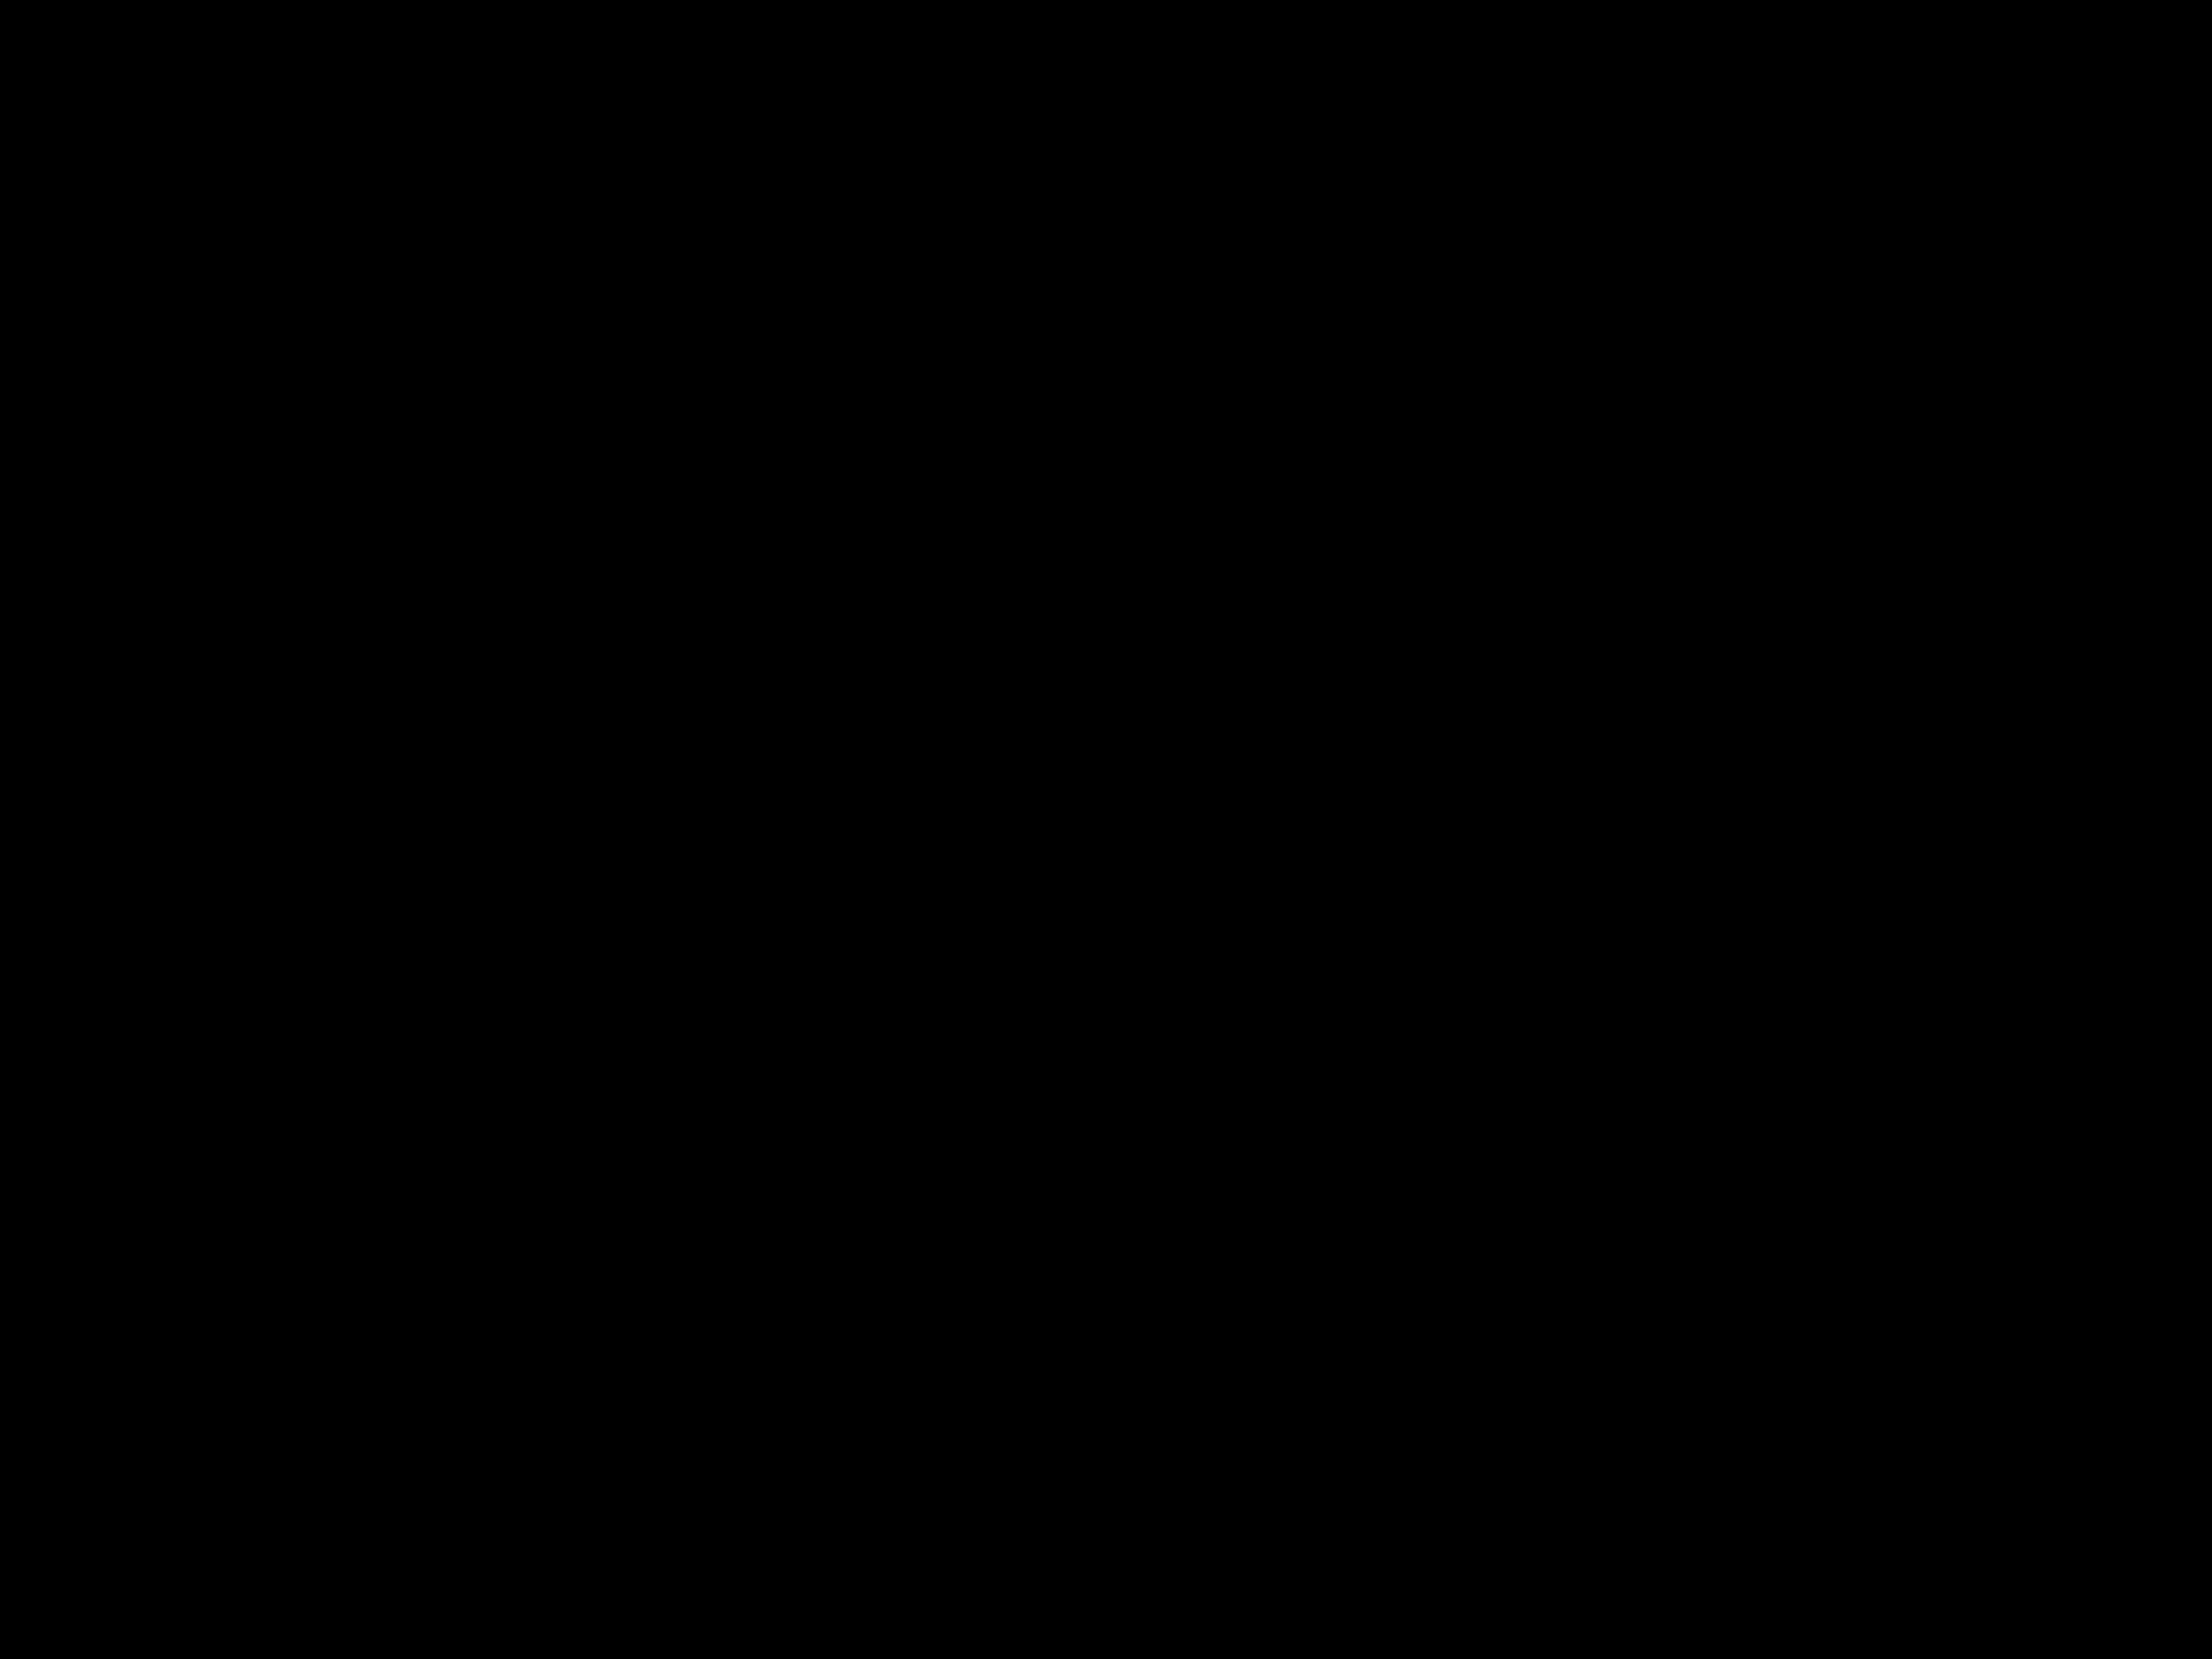 b25a2115b0d Nike Winter Hi 2 Women's Boot   International College of Management ...